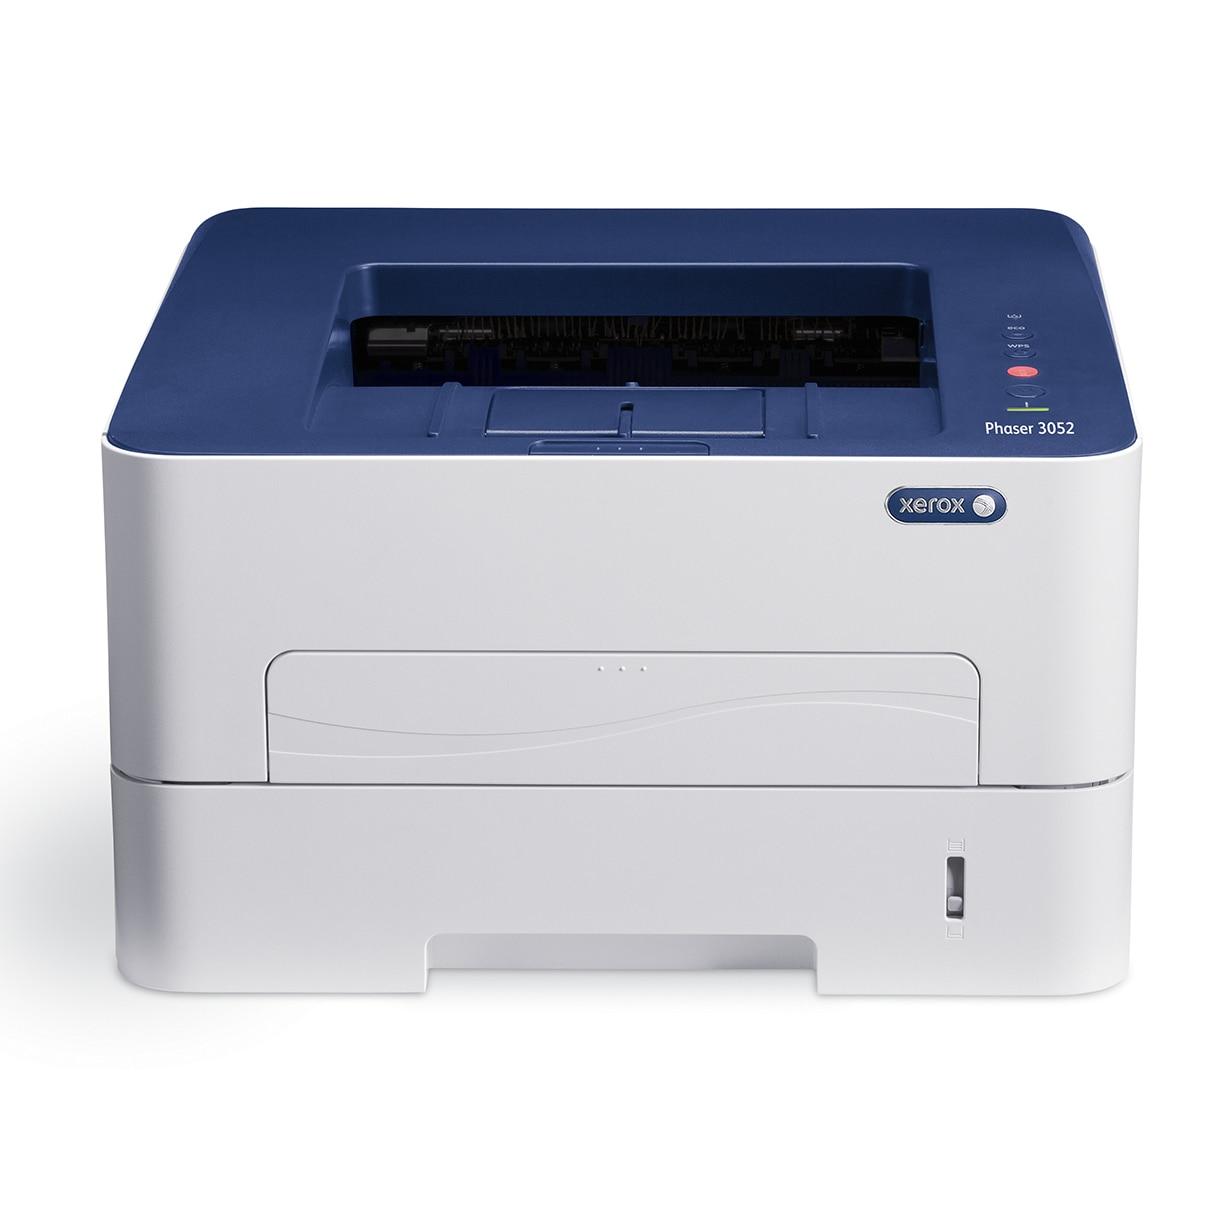 Fotografie Imprimanta laser alb-negru Xerox Phaser 3052, Wireless, A4